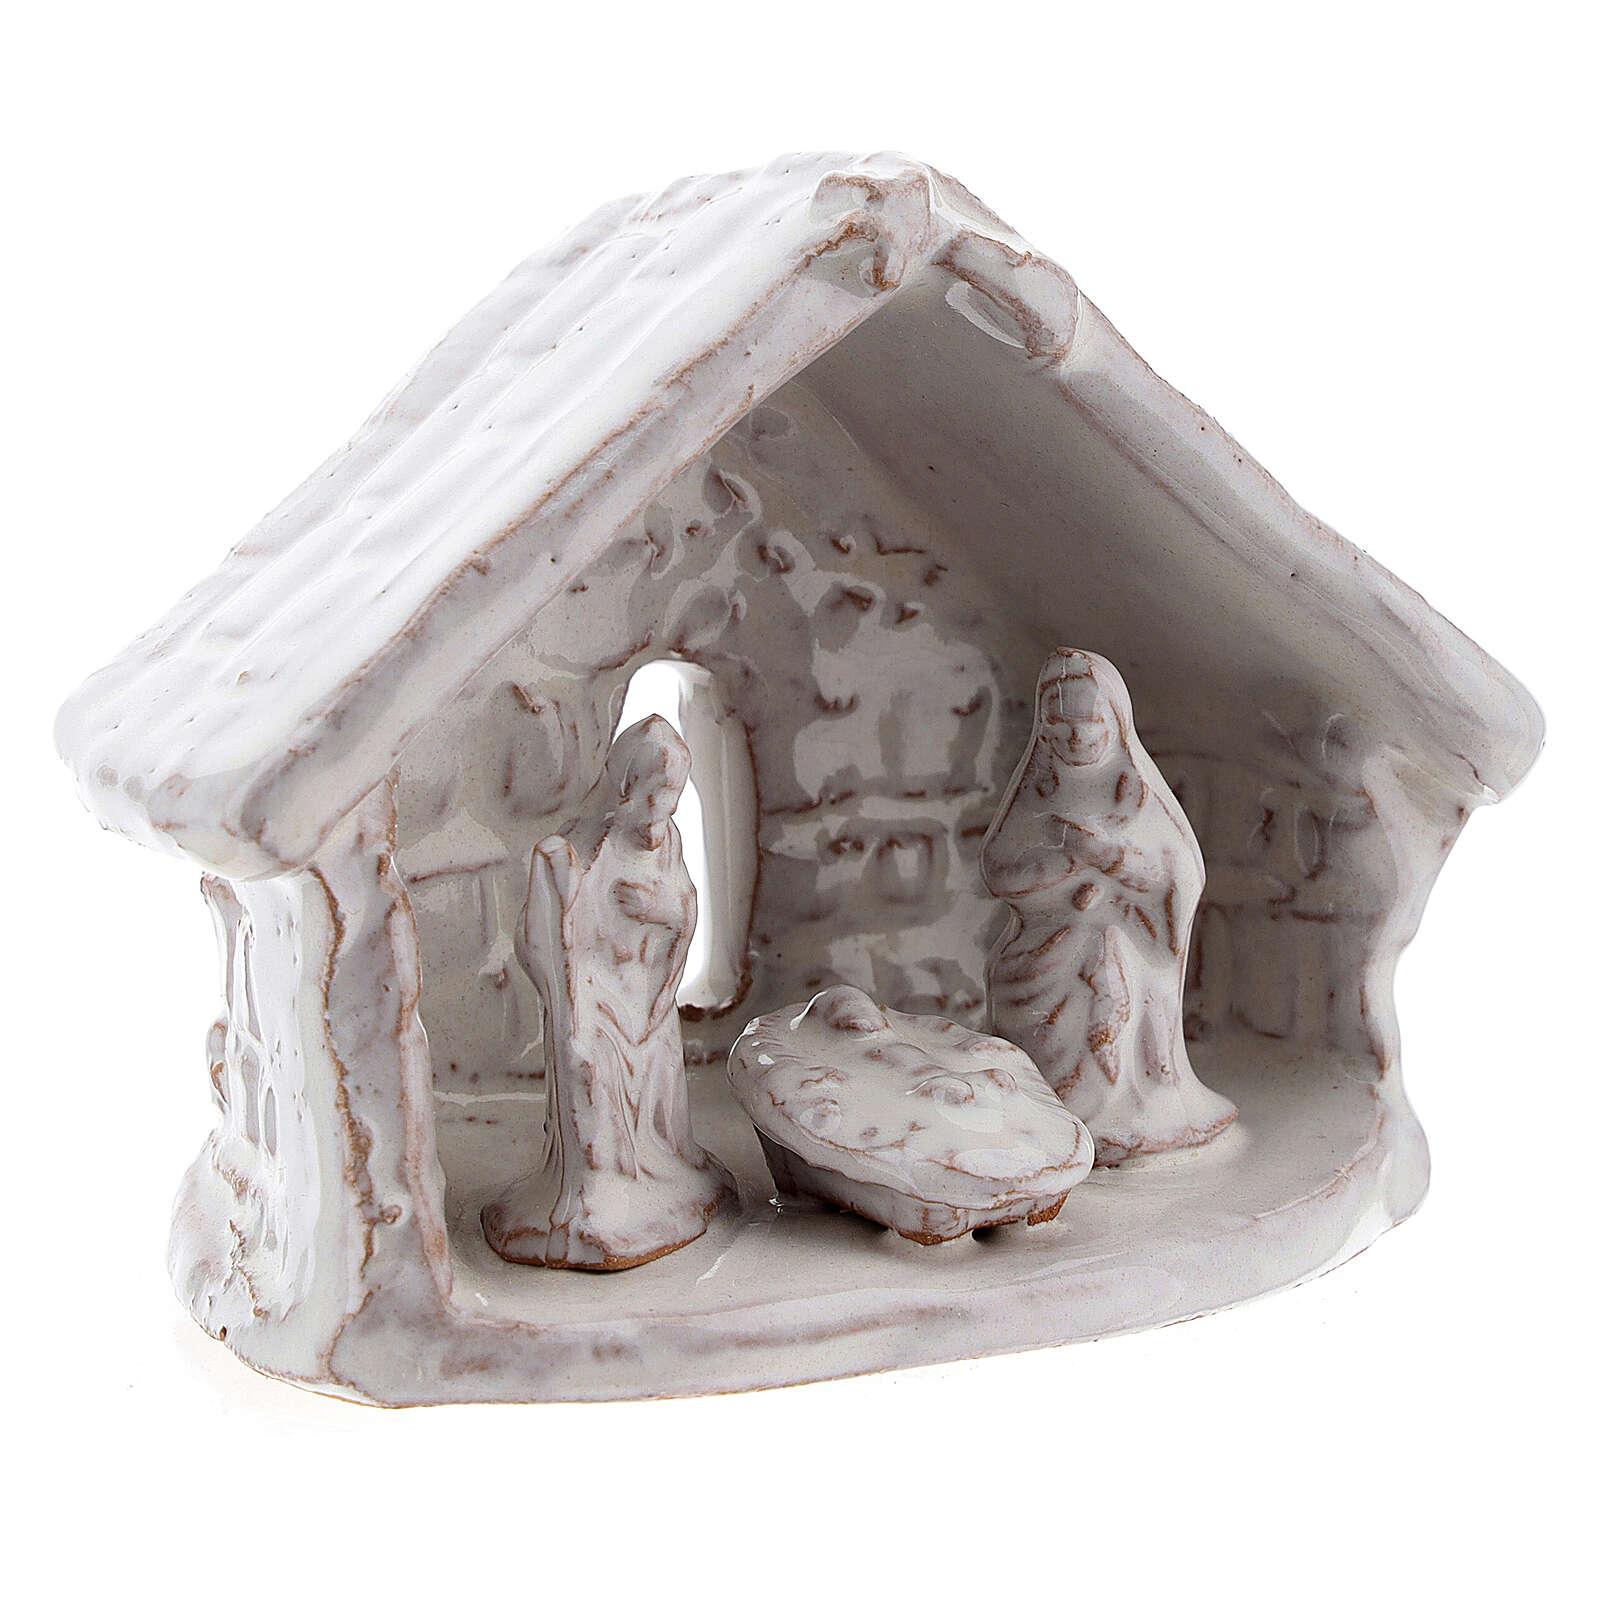 Mini capanna natività 6 cm terracotta bianca Deruta 4